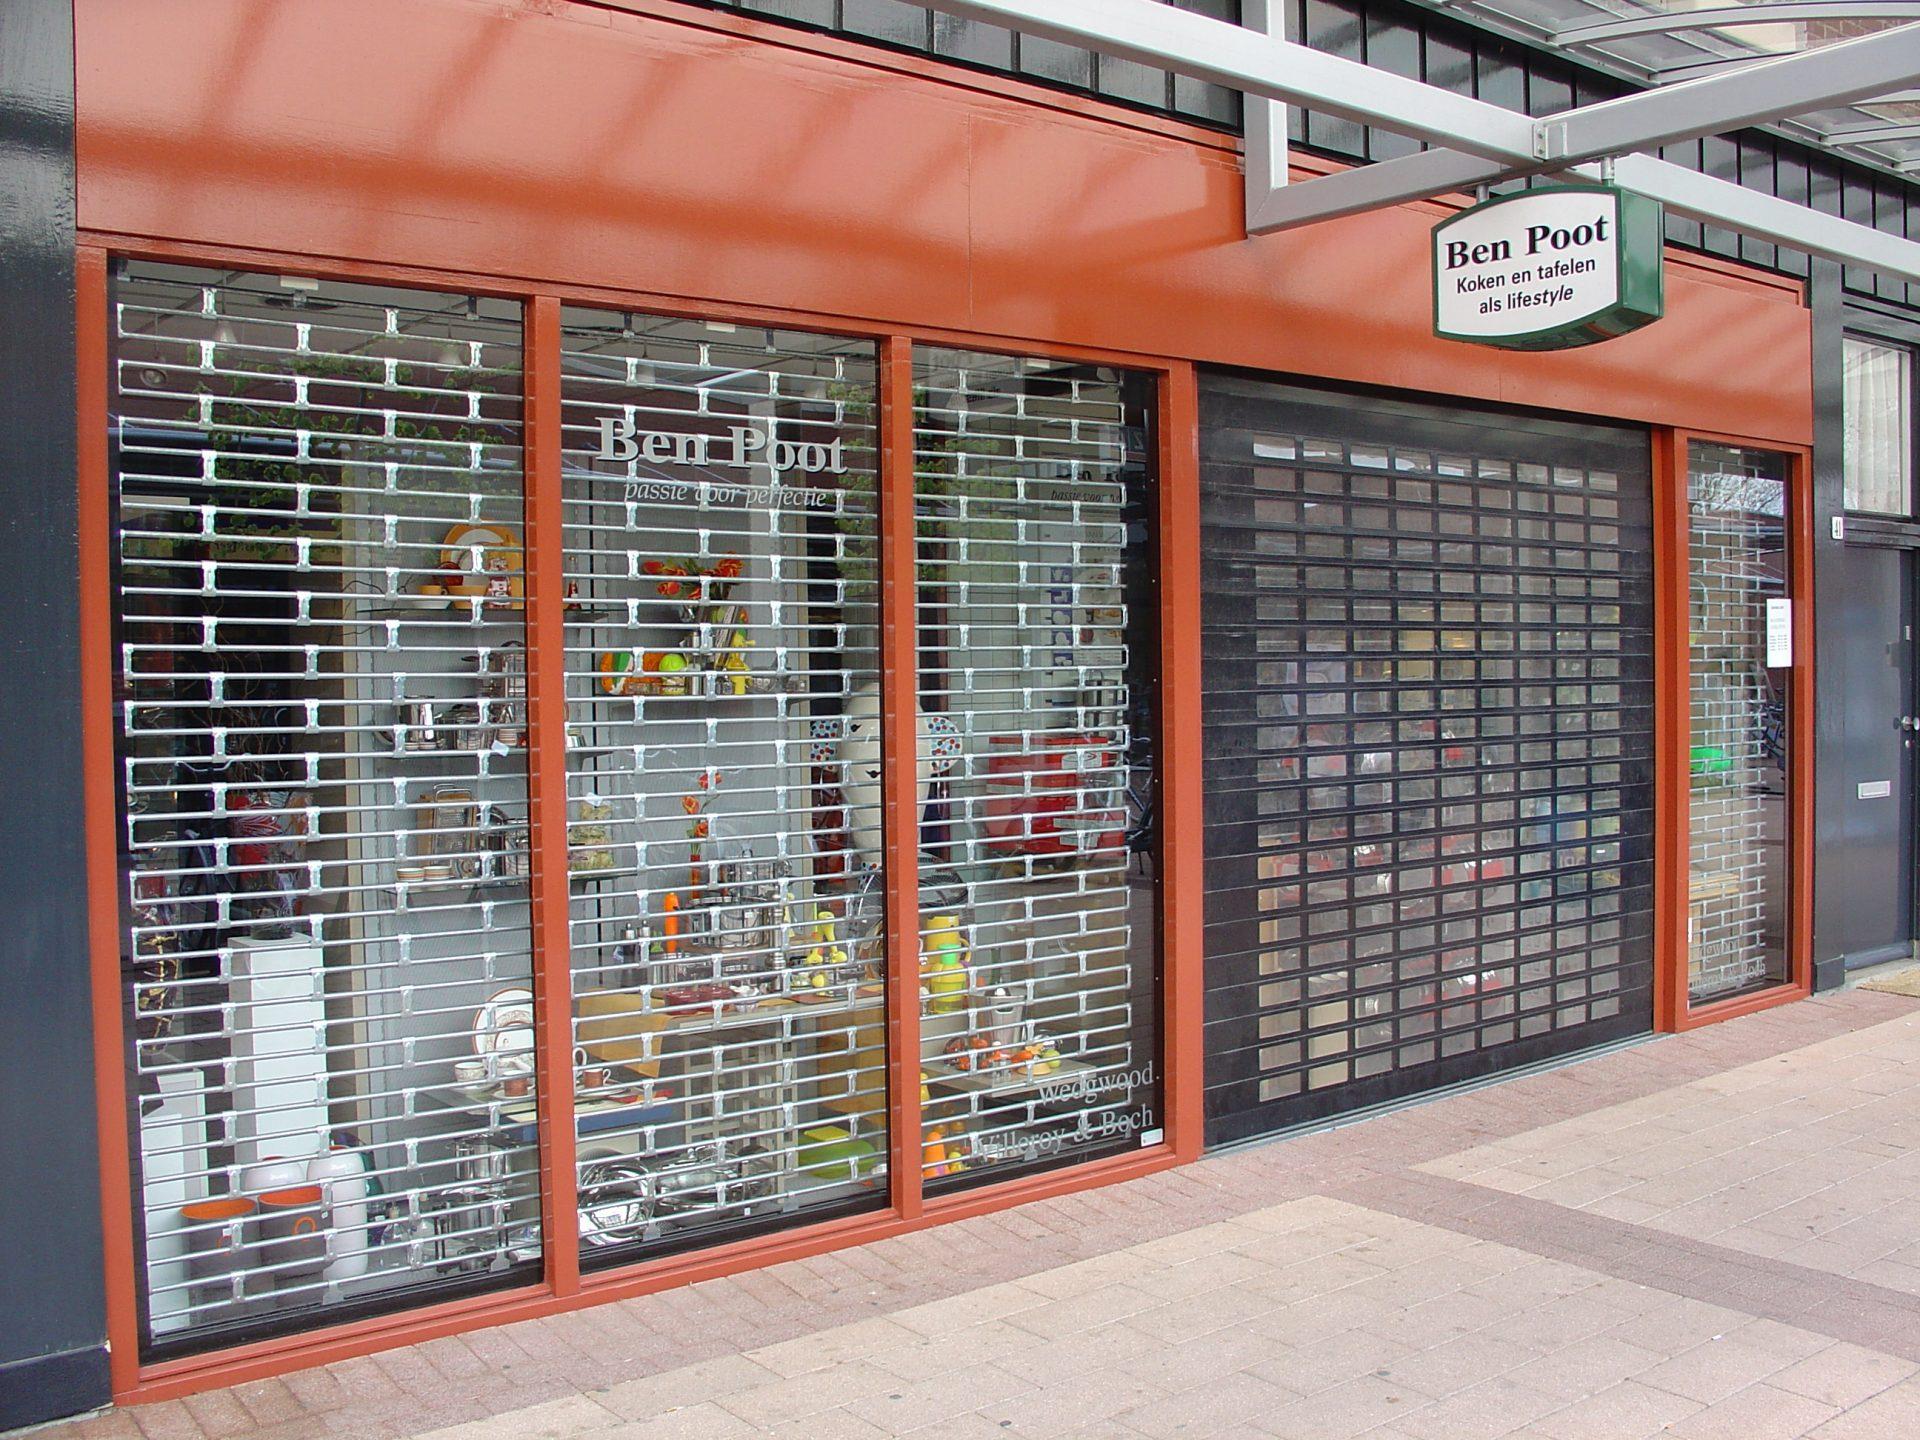 HGD Boerboom - Rolluik Ben Poot winkel